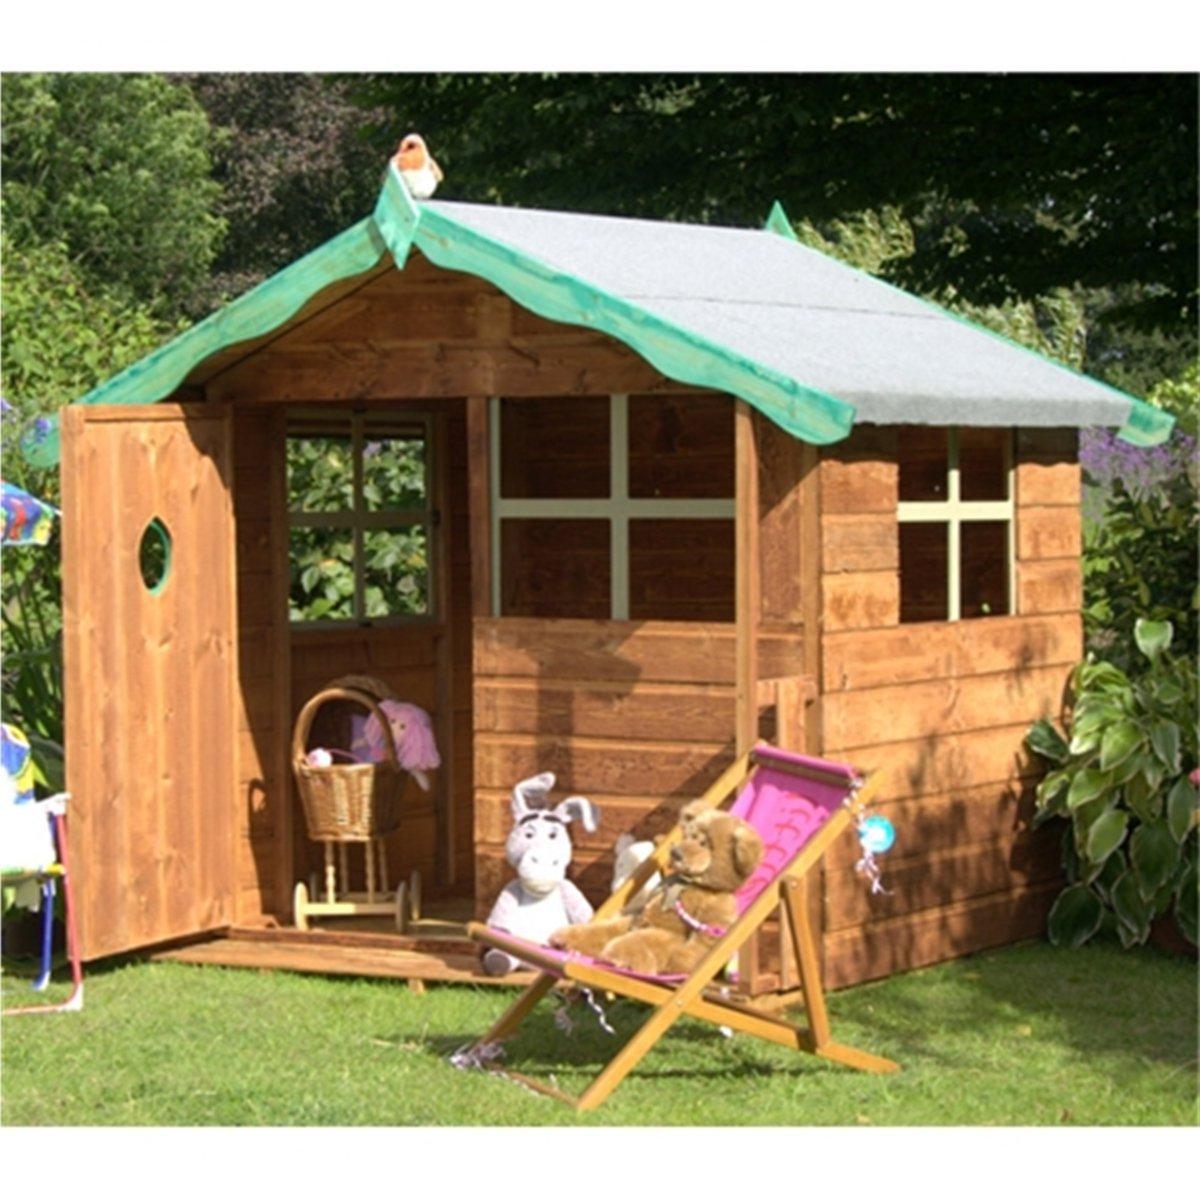 Детские игровые домики для сада своими руками